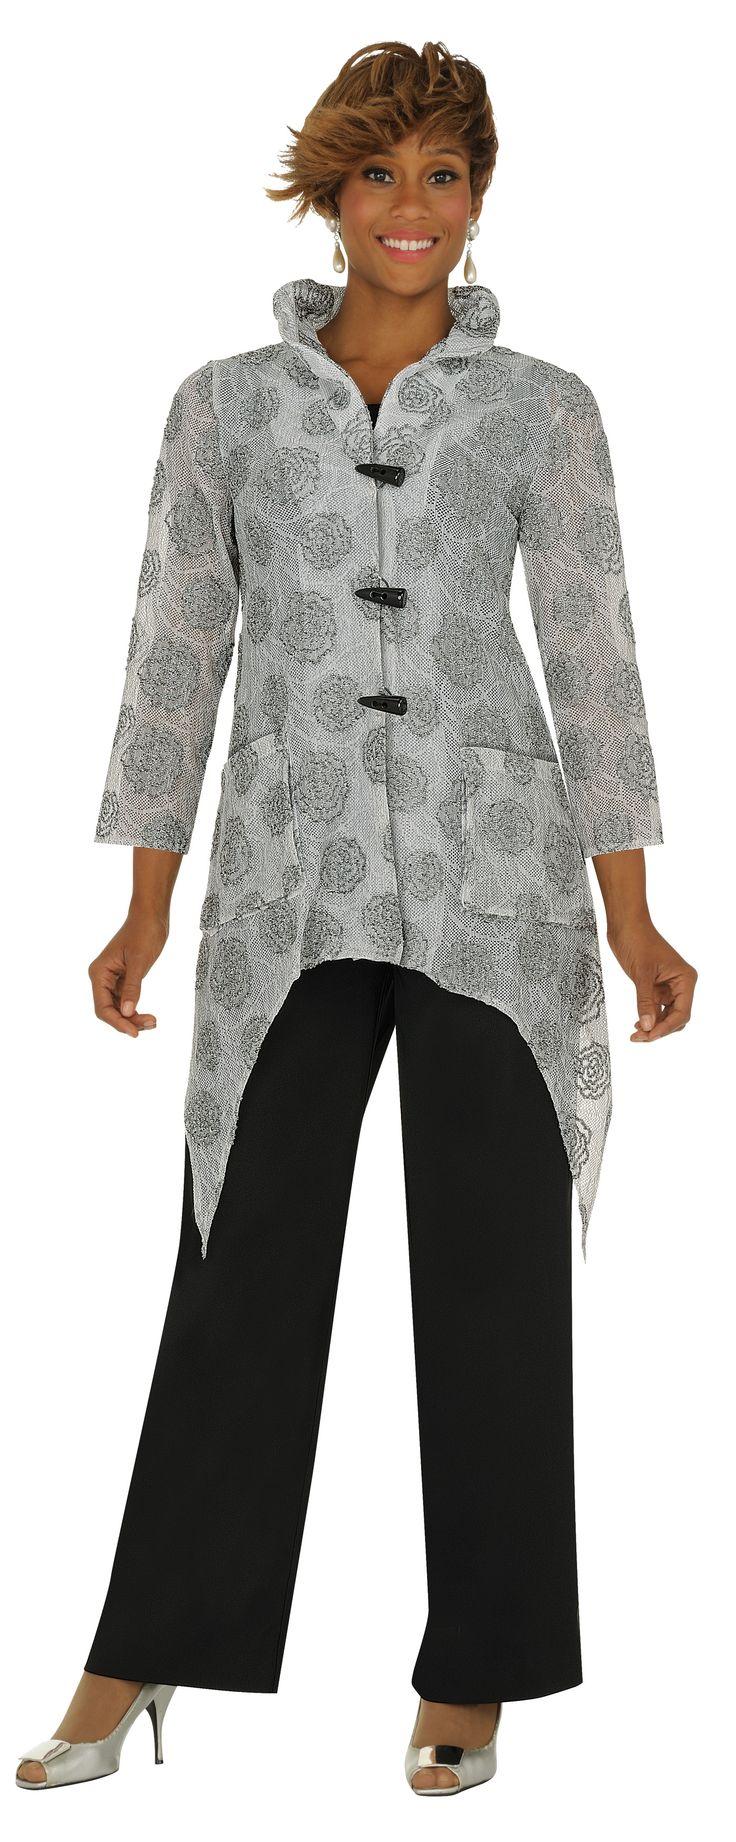 best ideas about pant suits women s pant suits 17 best ideas about pant suits women s pant suits business fashion professional and black pant suit